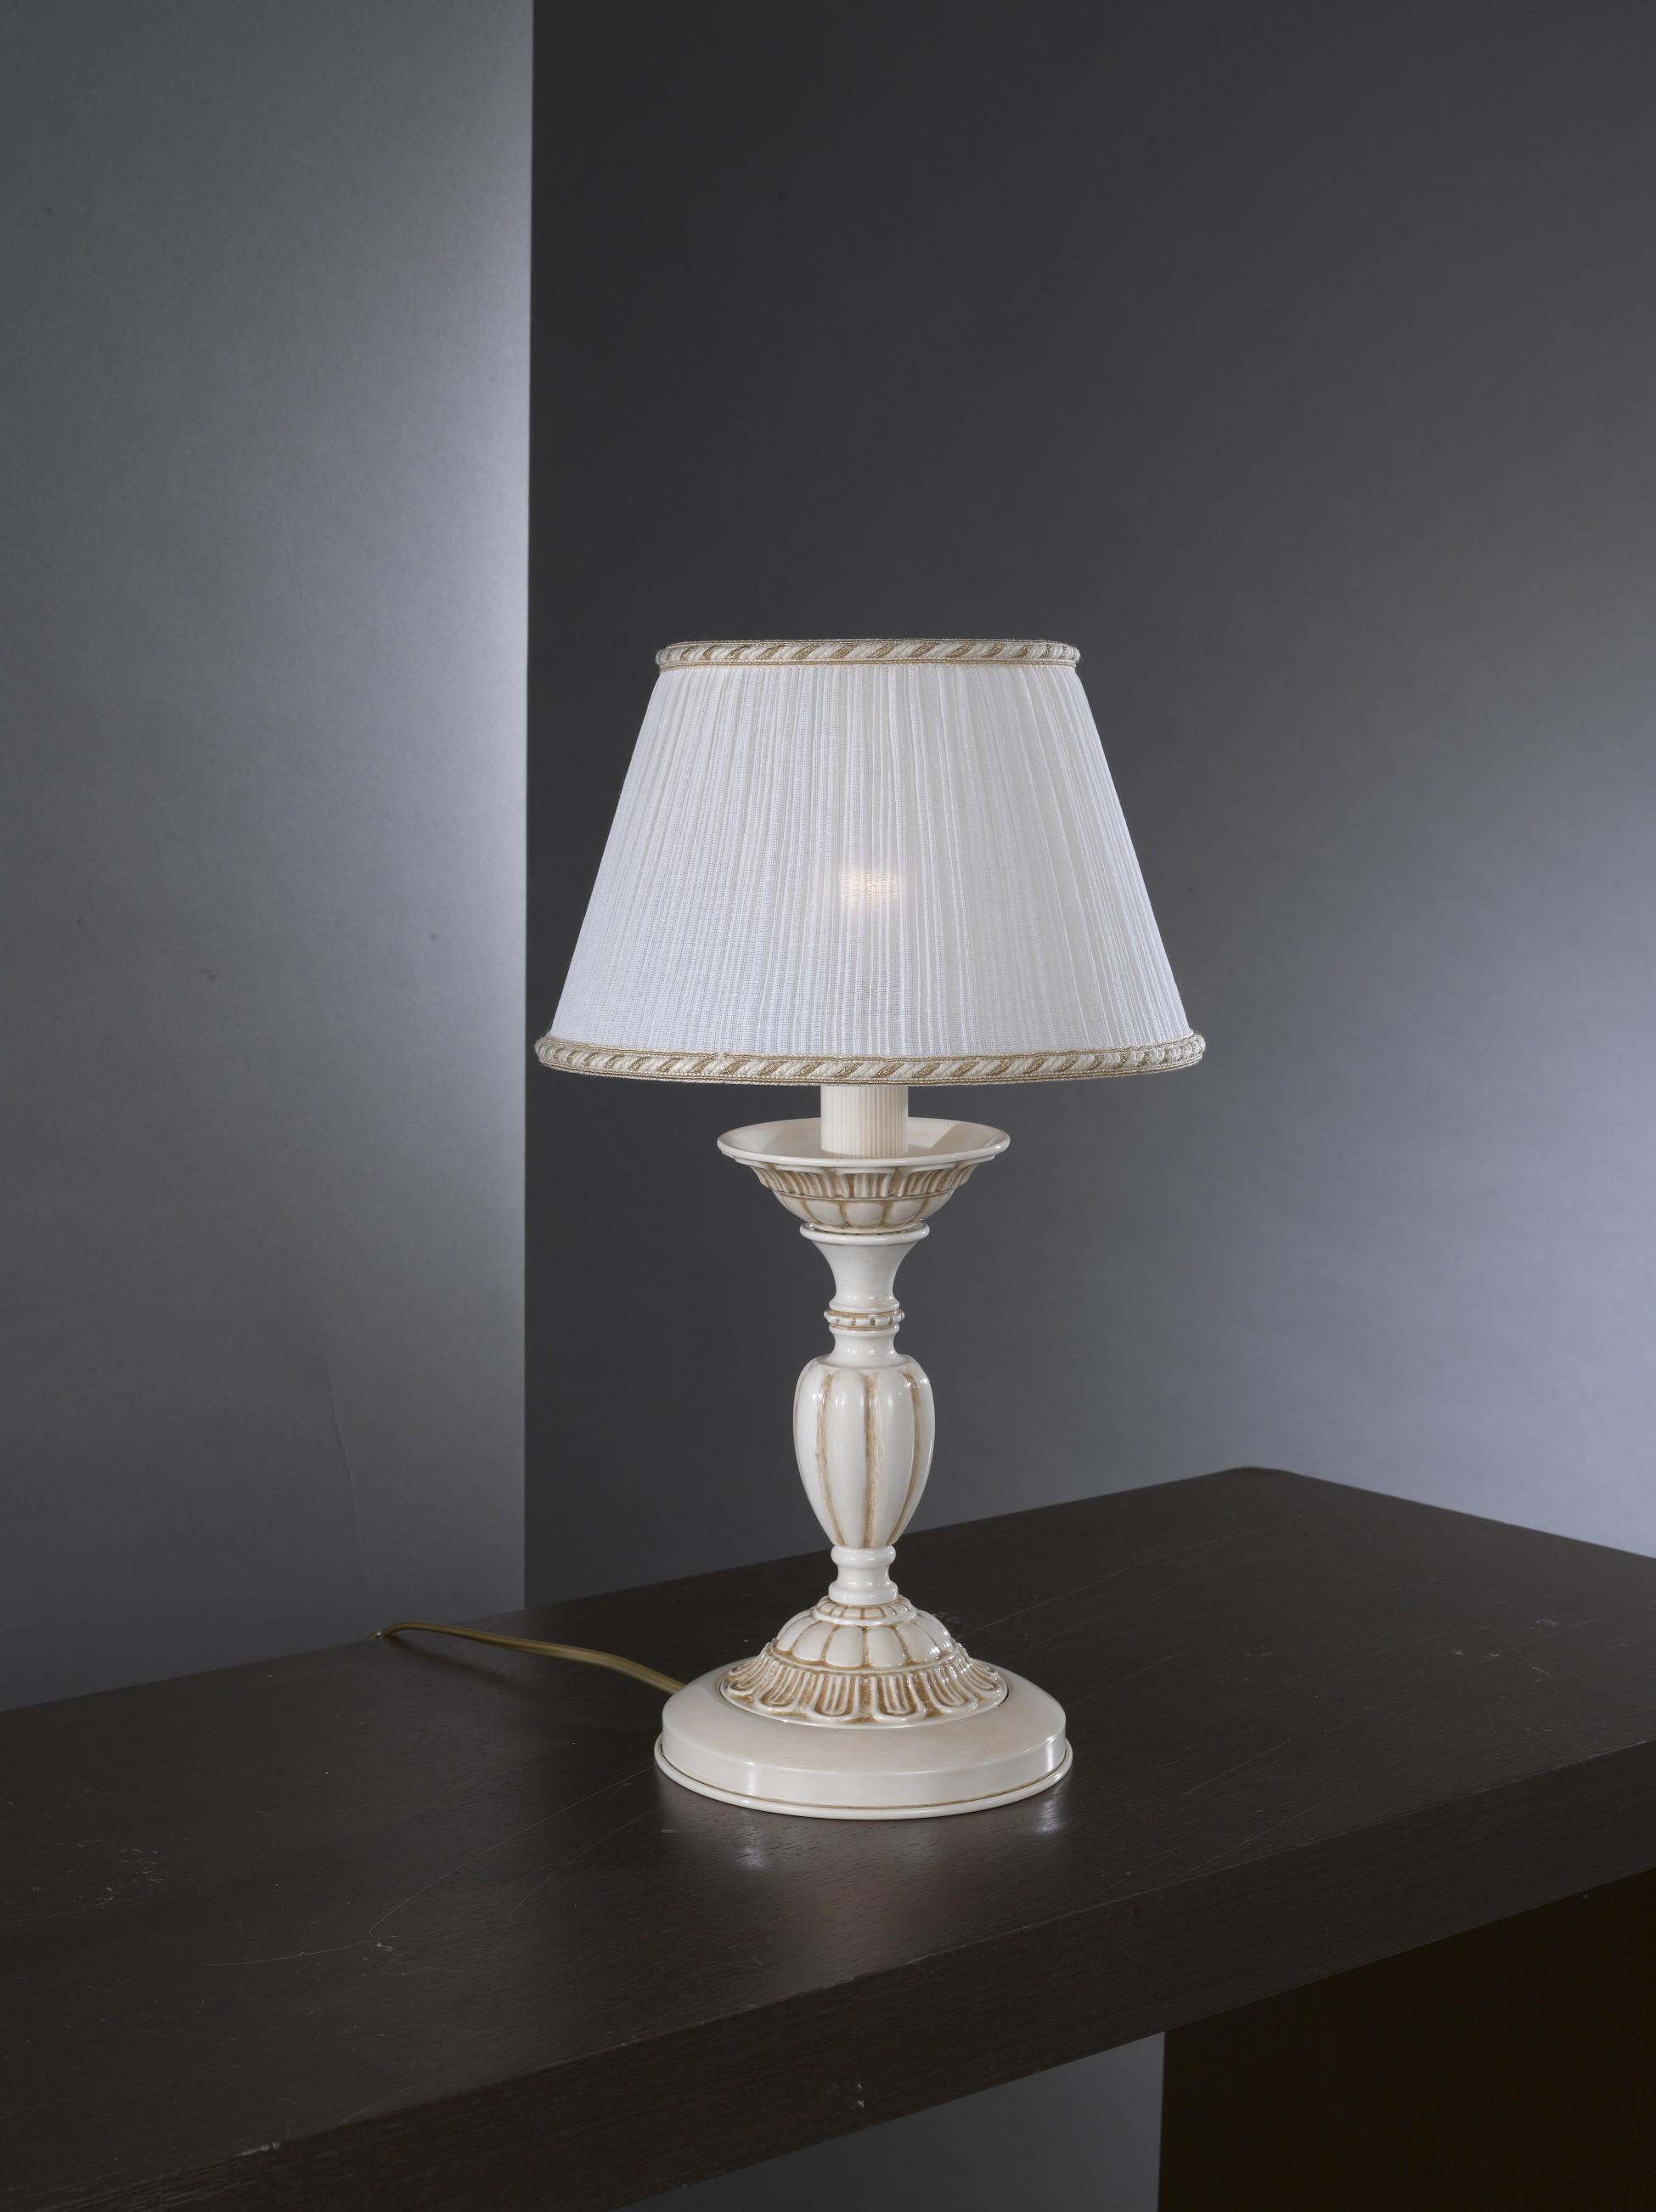 lampada da comodino in ottone bianco antico con paralume ForLumetti Da Comodino